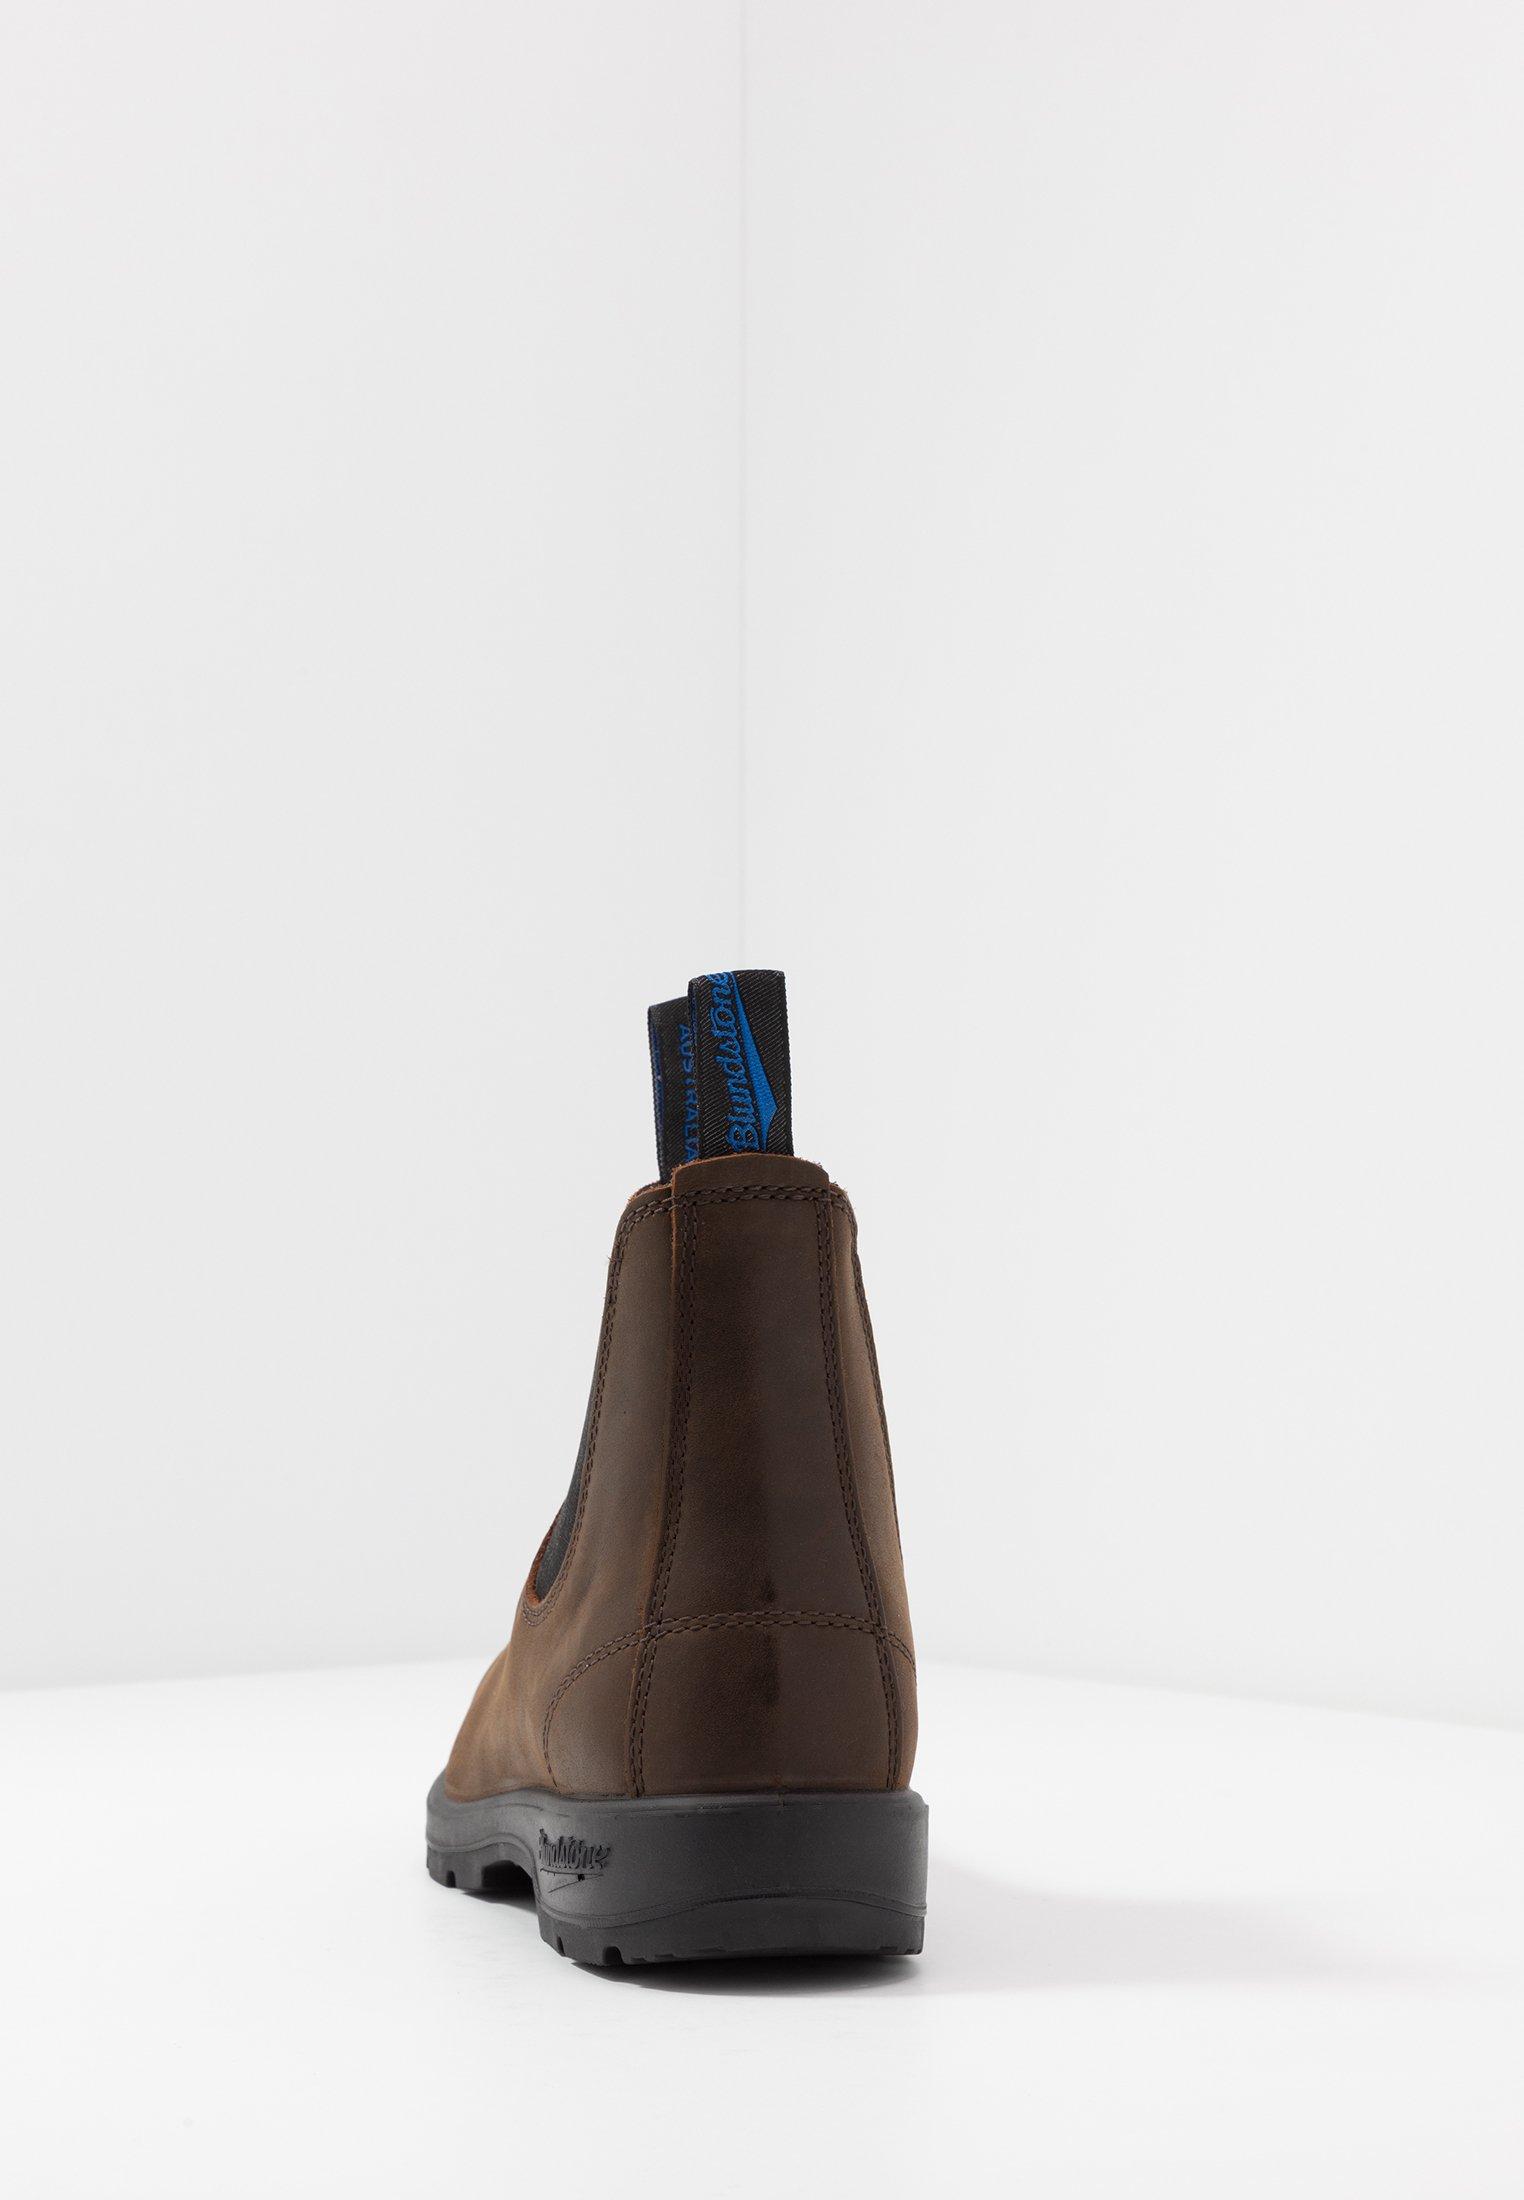 Blundstone 1477 Thermal - Korte Laarzen Antique Brown